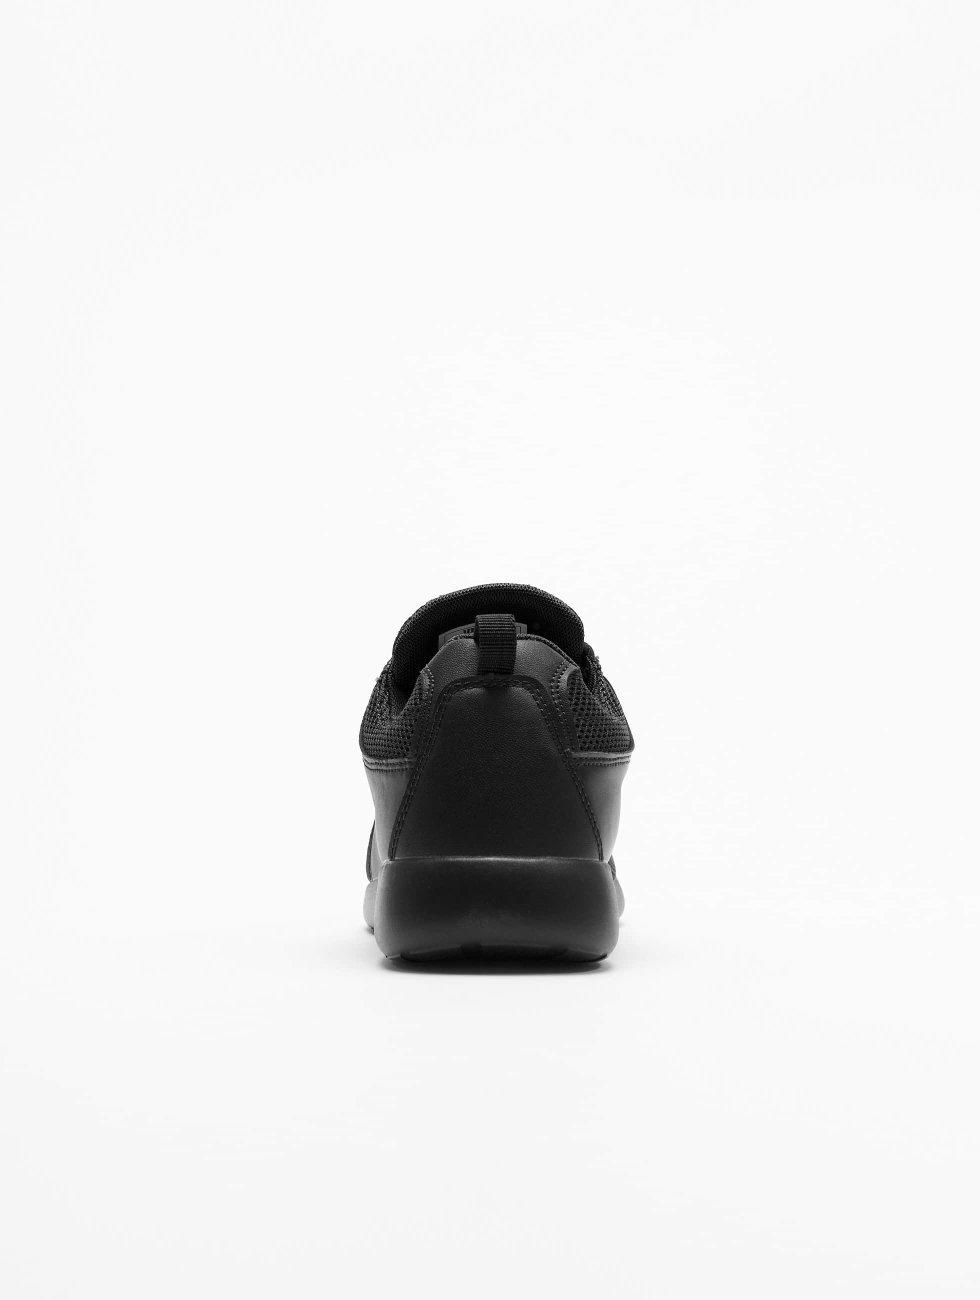 Snelle Levering Goedkope Prijs Echte Goedkope Prijs Urban Classics schoen / sneaker Light Runner S in zwart 263826 100% Gegarandeerd Te Koop Sexy Sport rZhXNC